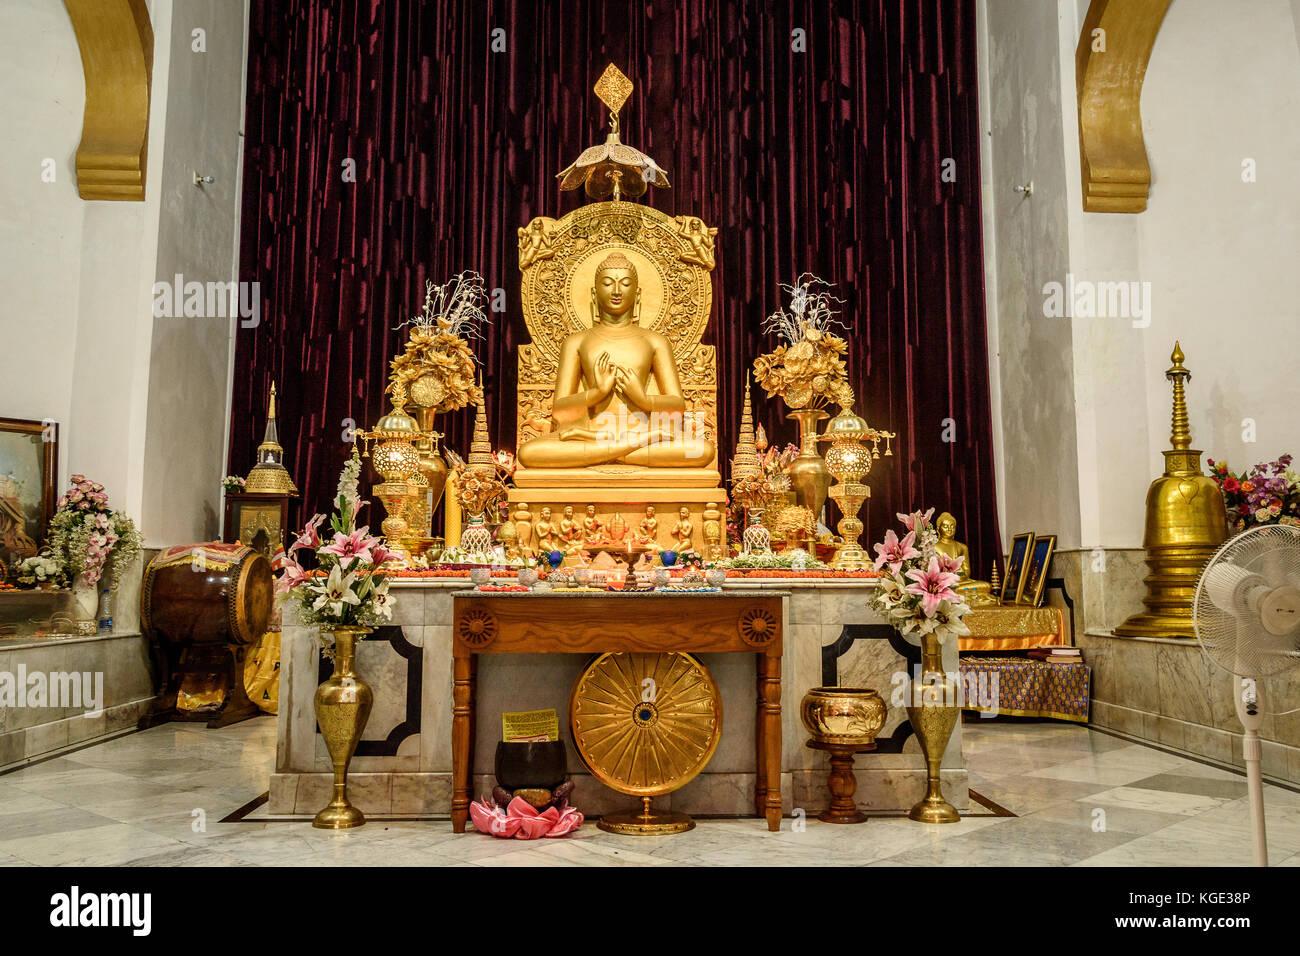 Sitting Golden  Buddha statue at a Buddhist temple at Mulagandhakuti vihara, Sarnath, Varanasi. - Stock Image